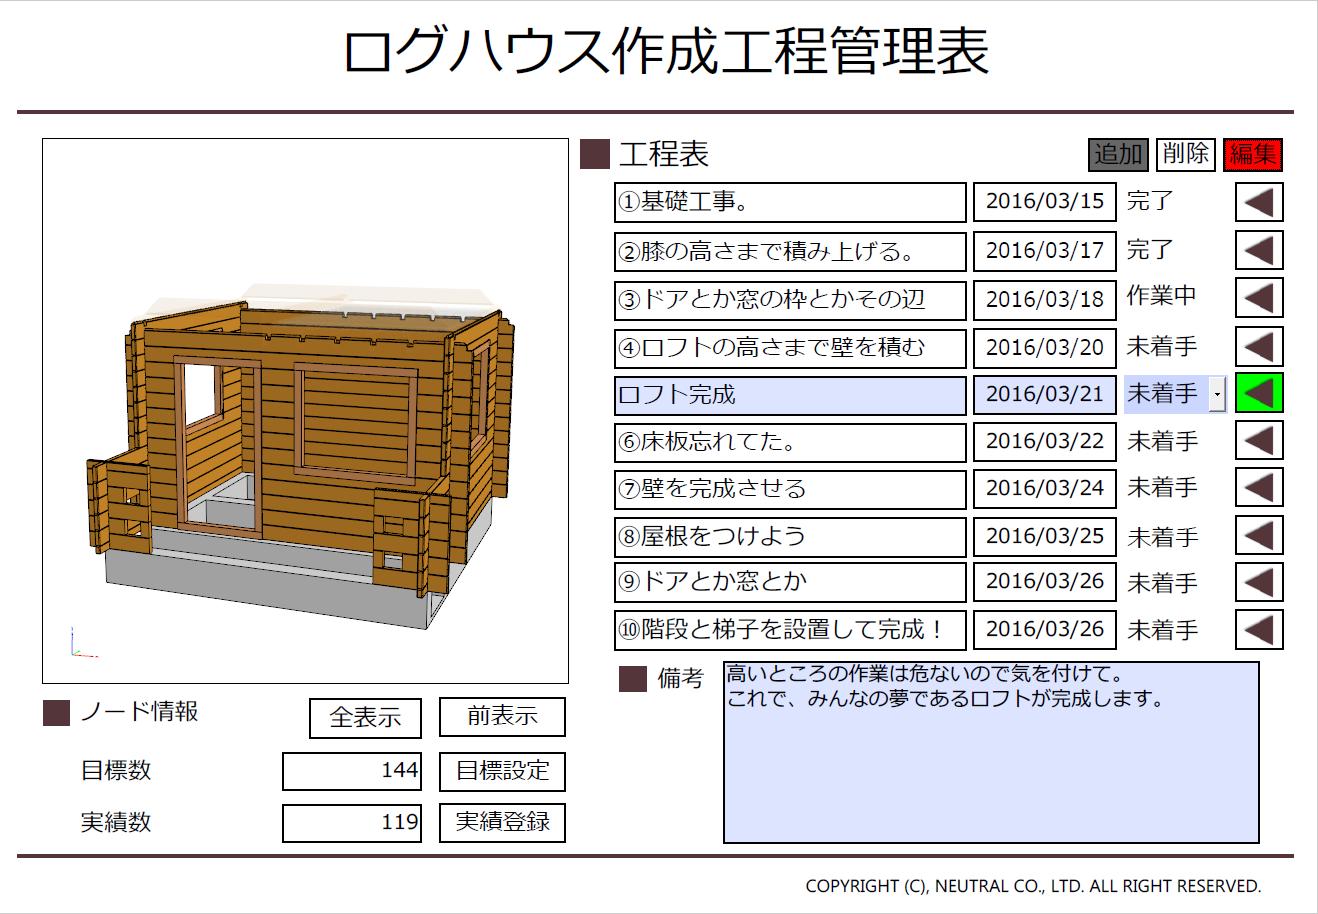 工程管理表イメージ